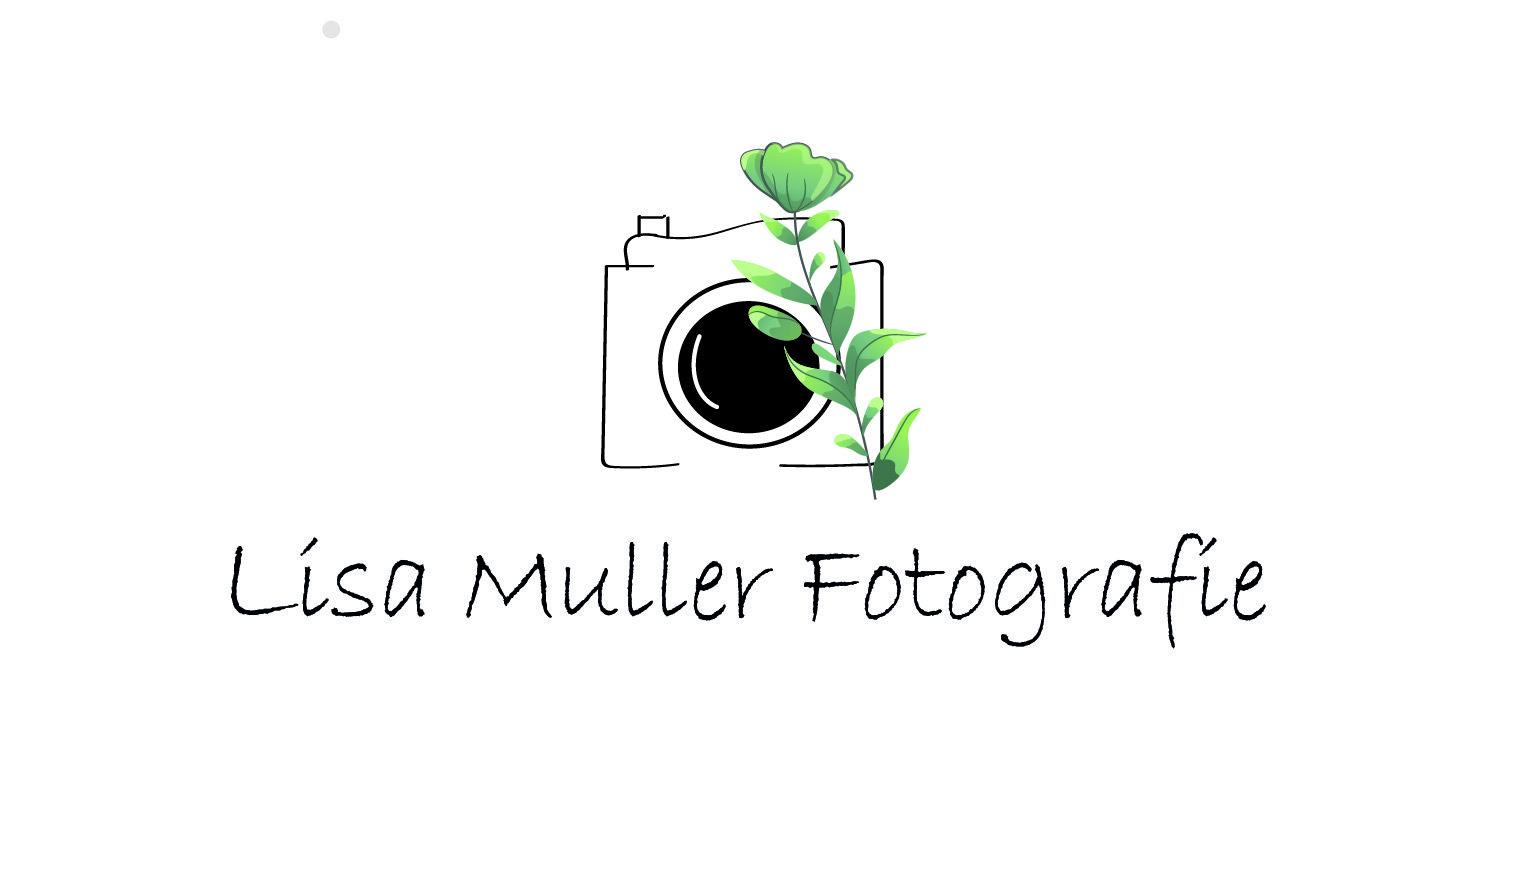 Lisa Muller Fotografie